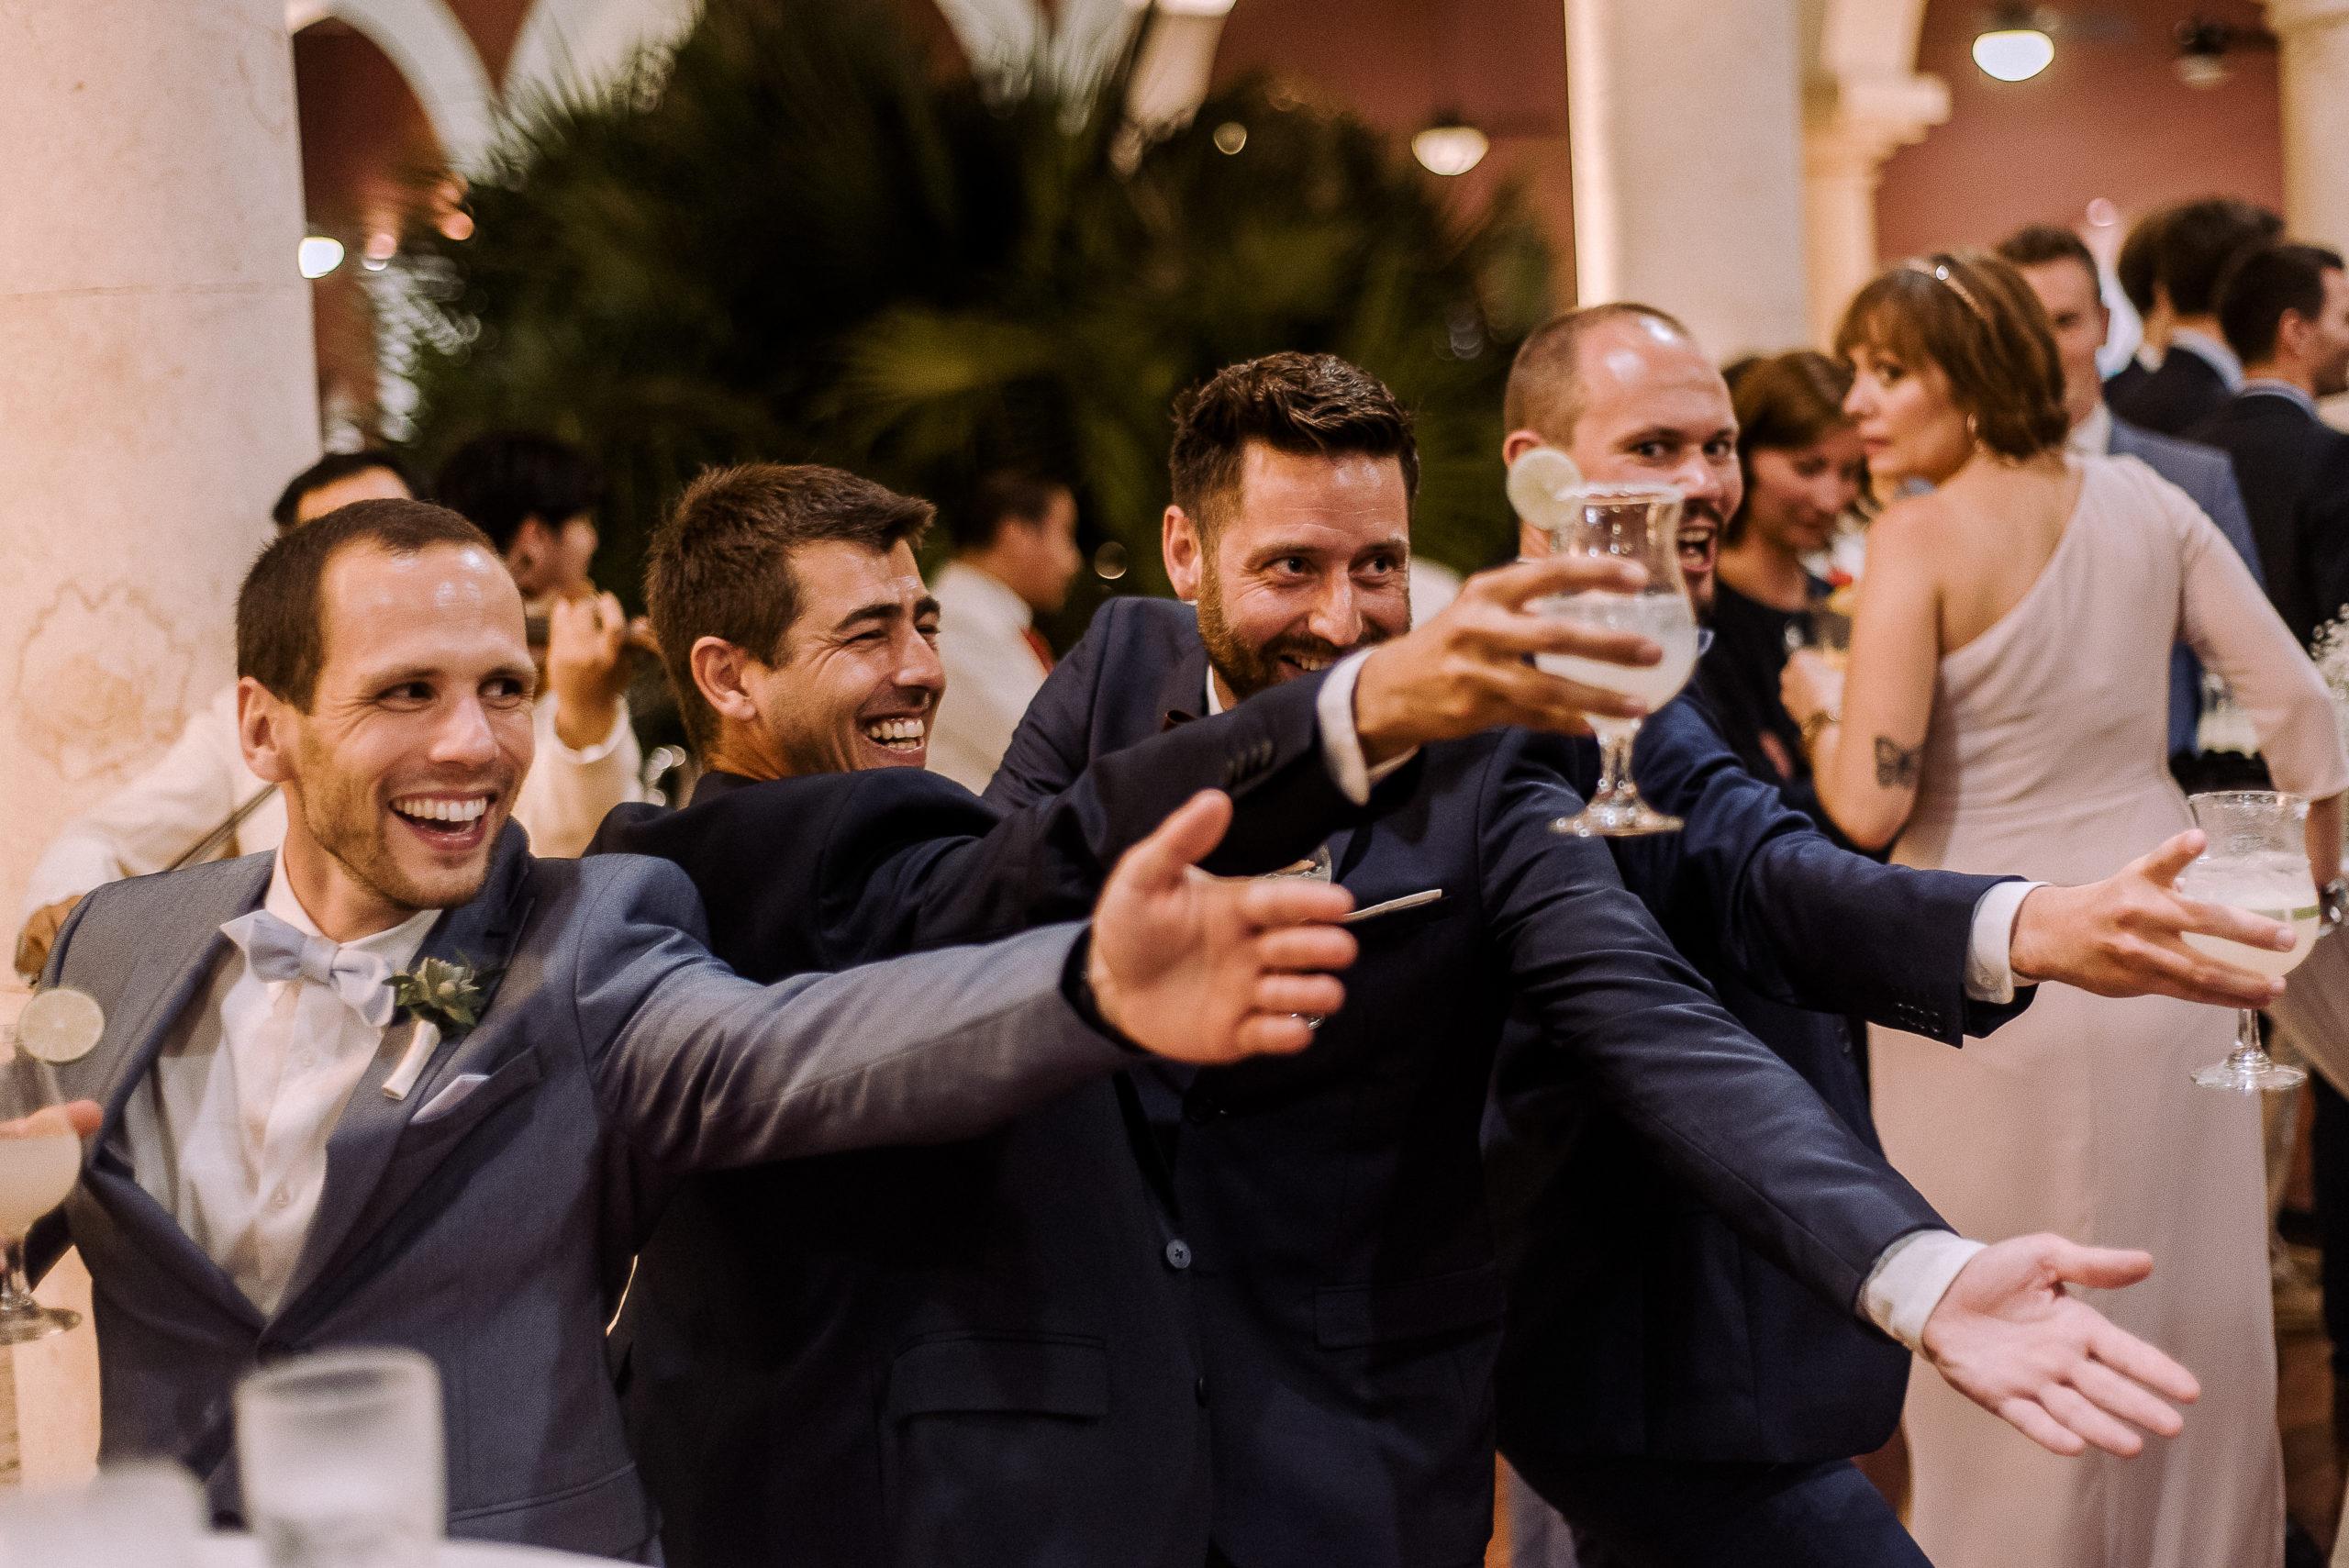 Mariage au Mexique